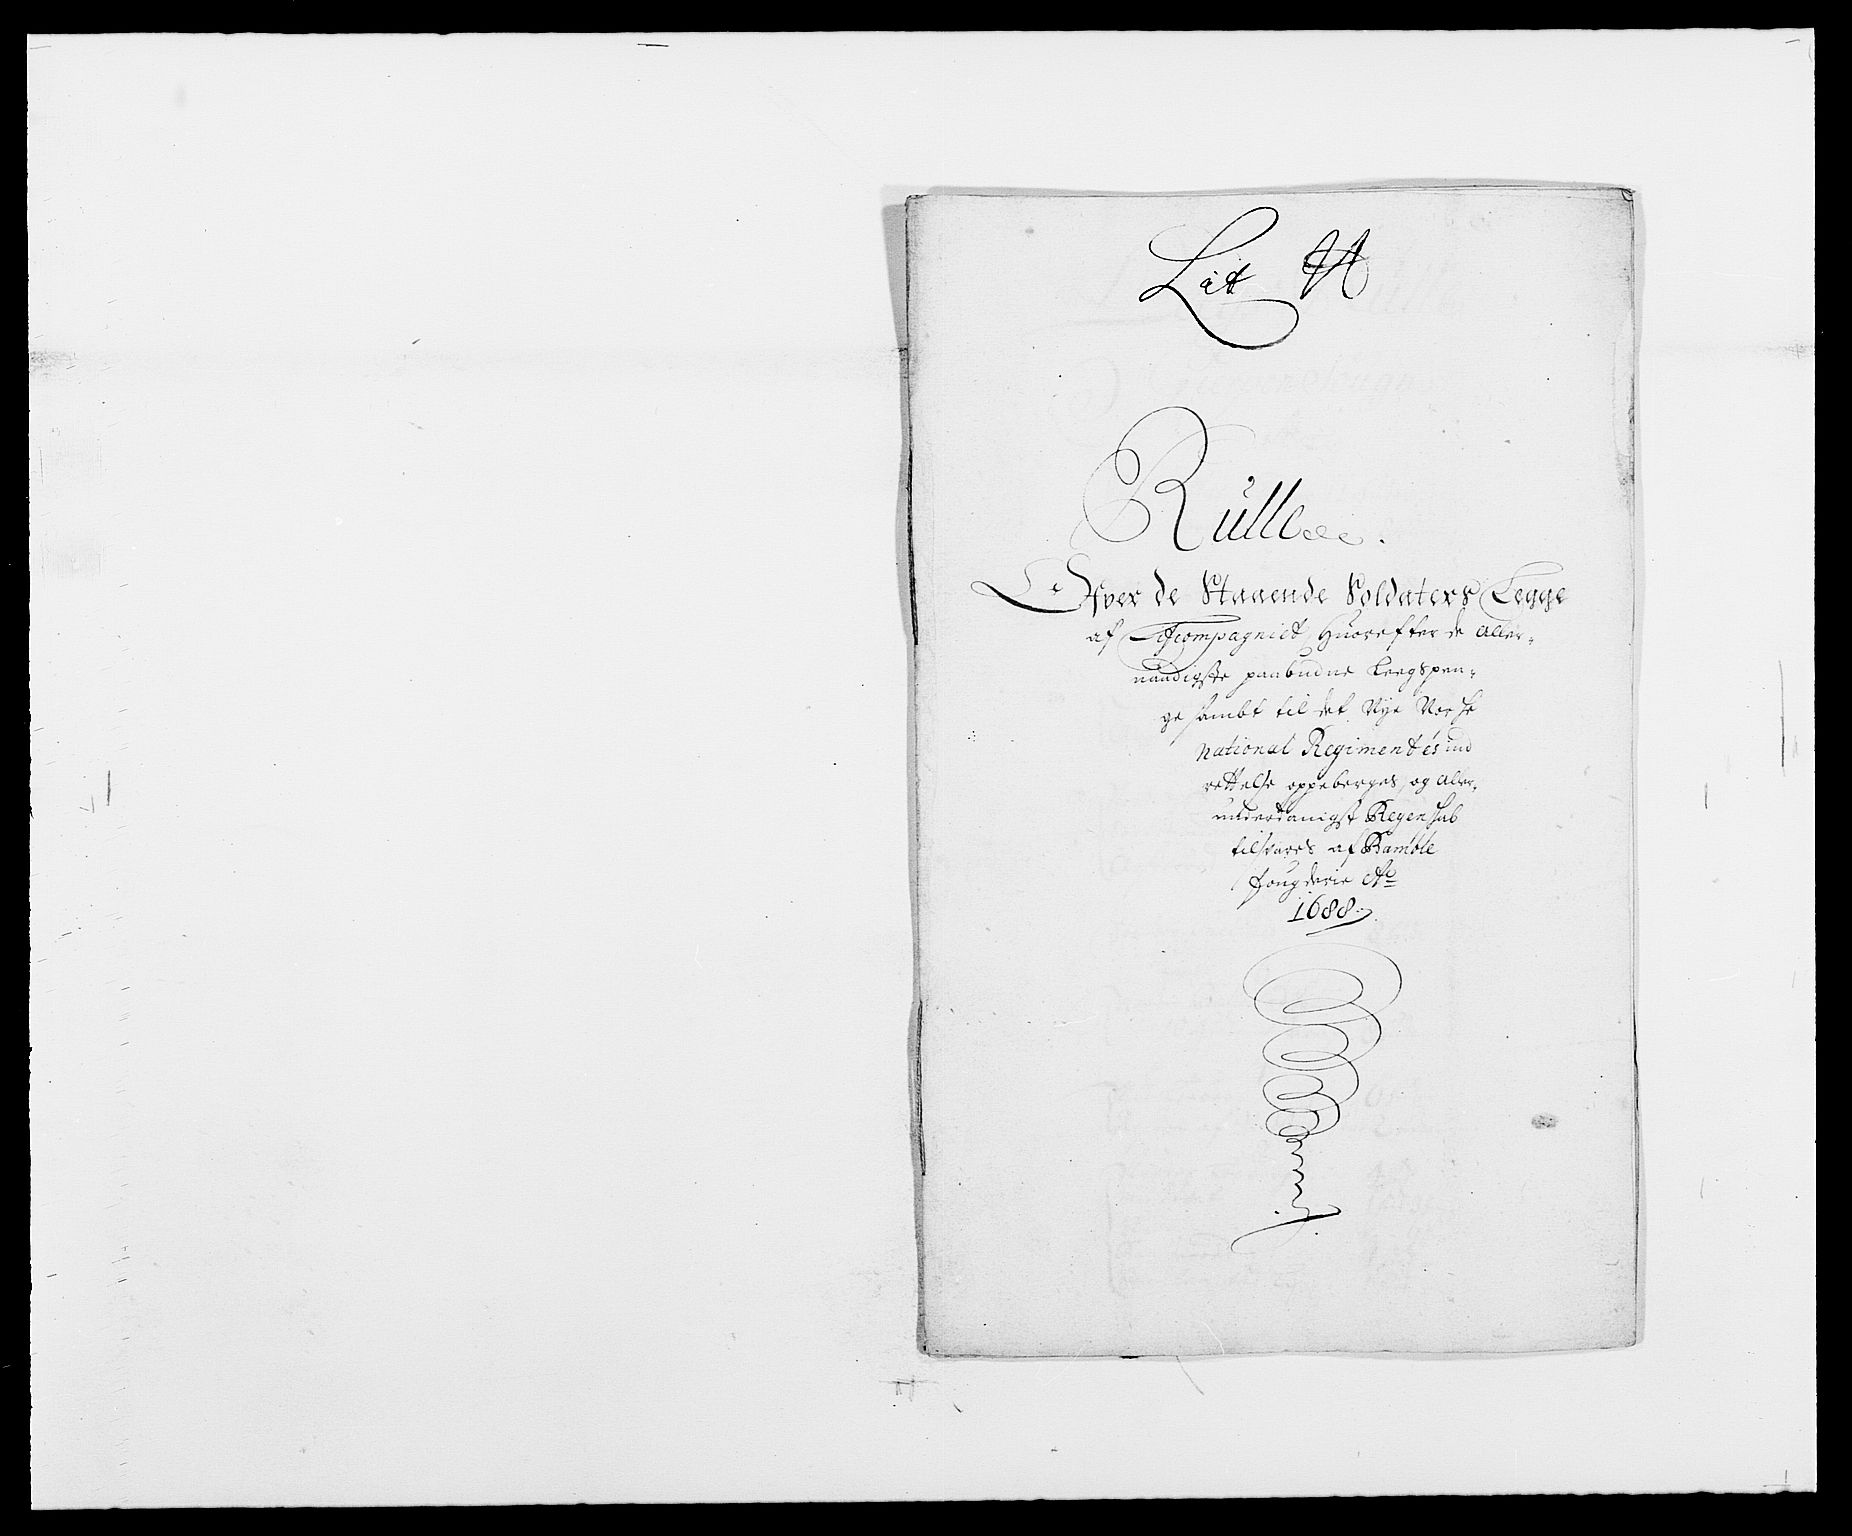 RA, Rentekammeret inntil 1814, Reviderte regnskaper, Fogderegnskap, R34/L2050: Fogderegnskap Bamble, 1688-1691, s. 131